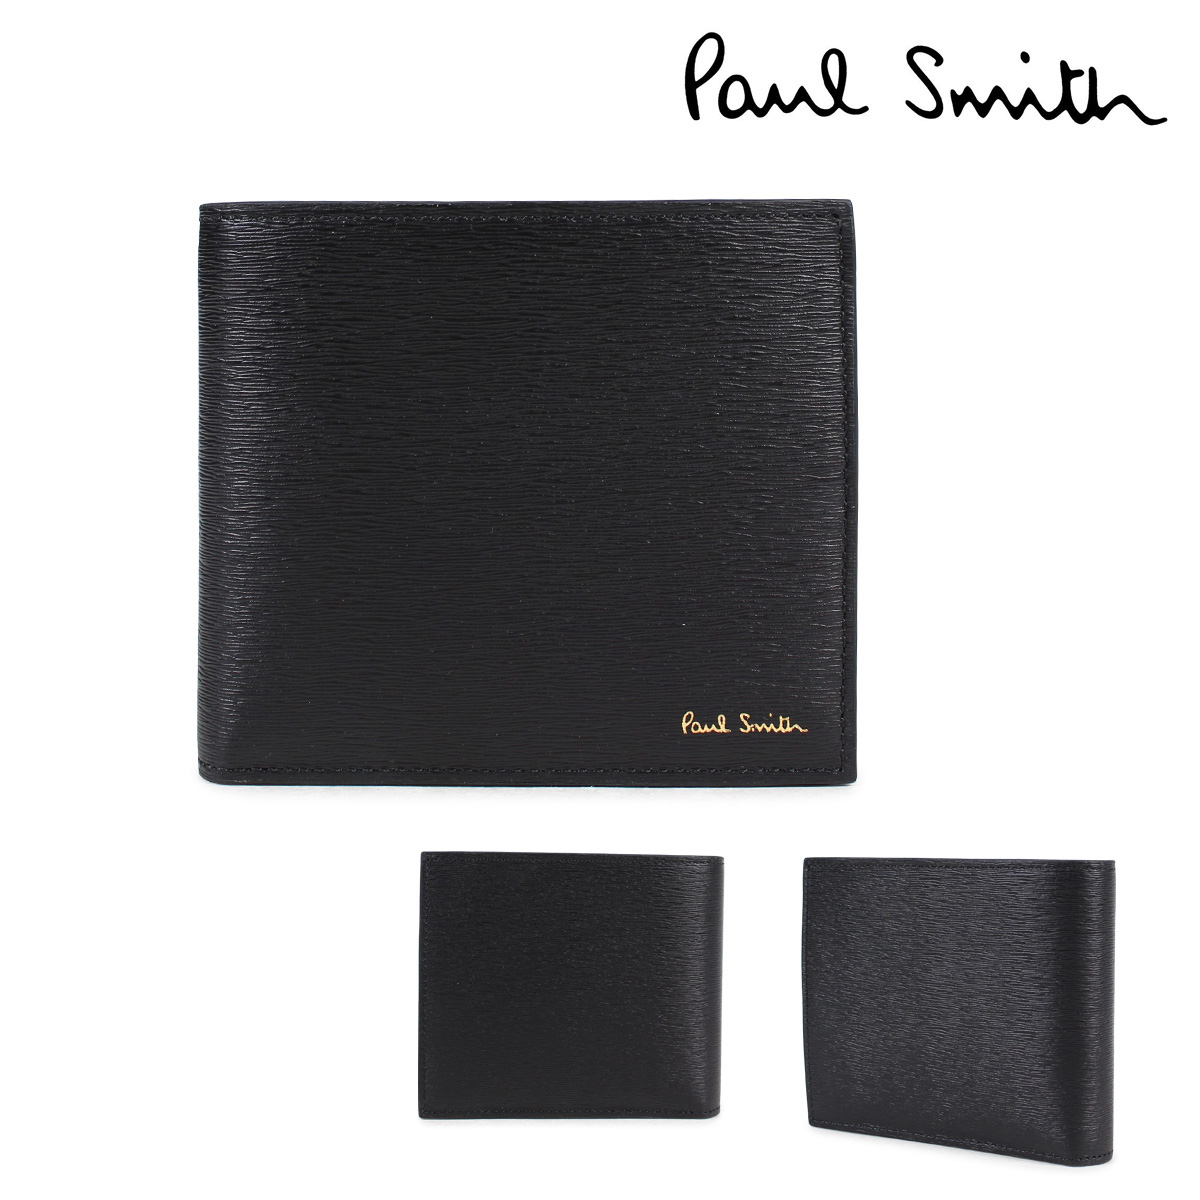 【超歓迎された】 ポールスミス 財布 メンズ 二つ折り Paul Smith SMART WALLET SMART WALLET Smith レザー ブラック 4833 W905 79, エニースタイル:265d1ff8 --- canoncity.azurewebsites.net